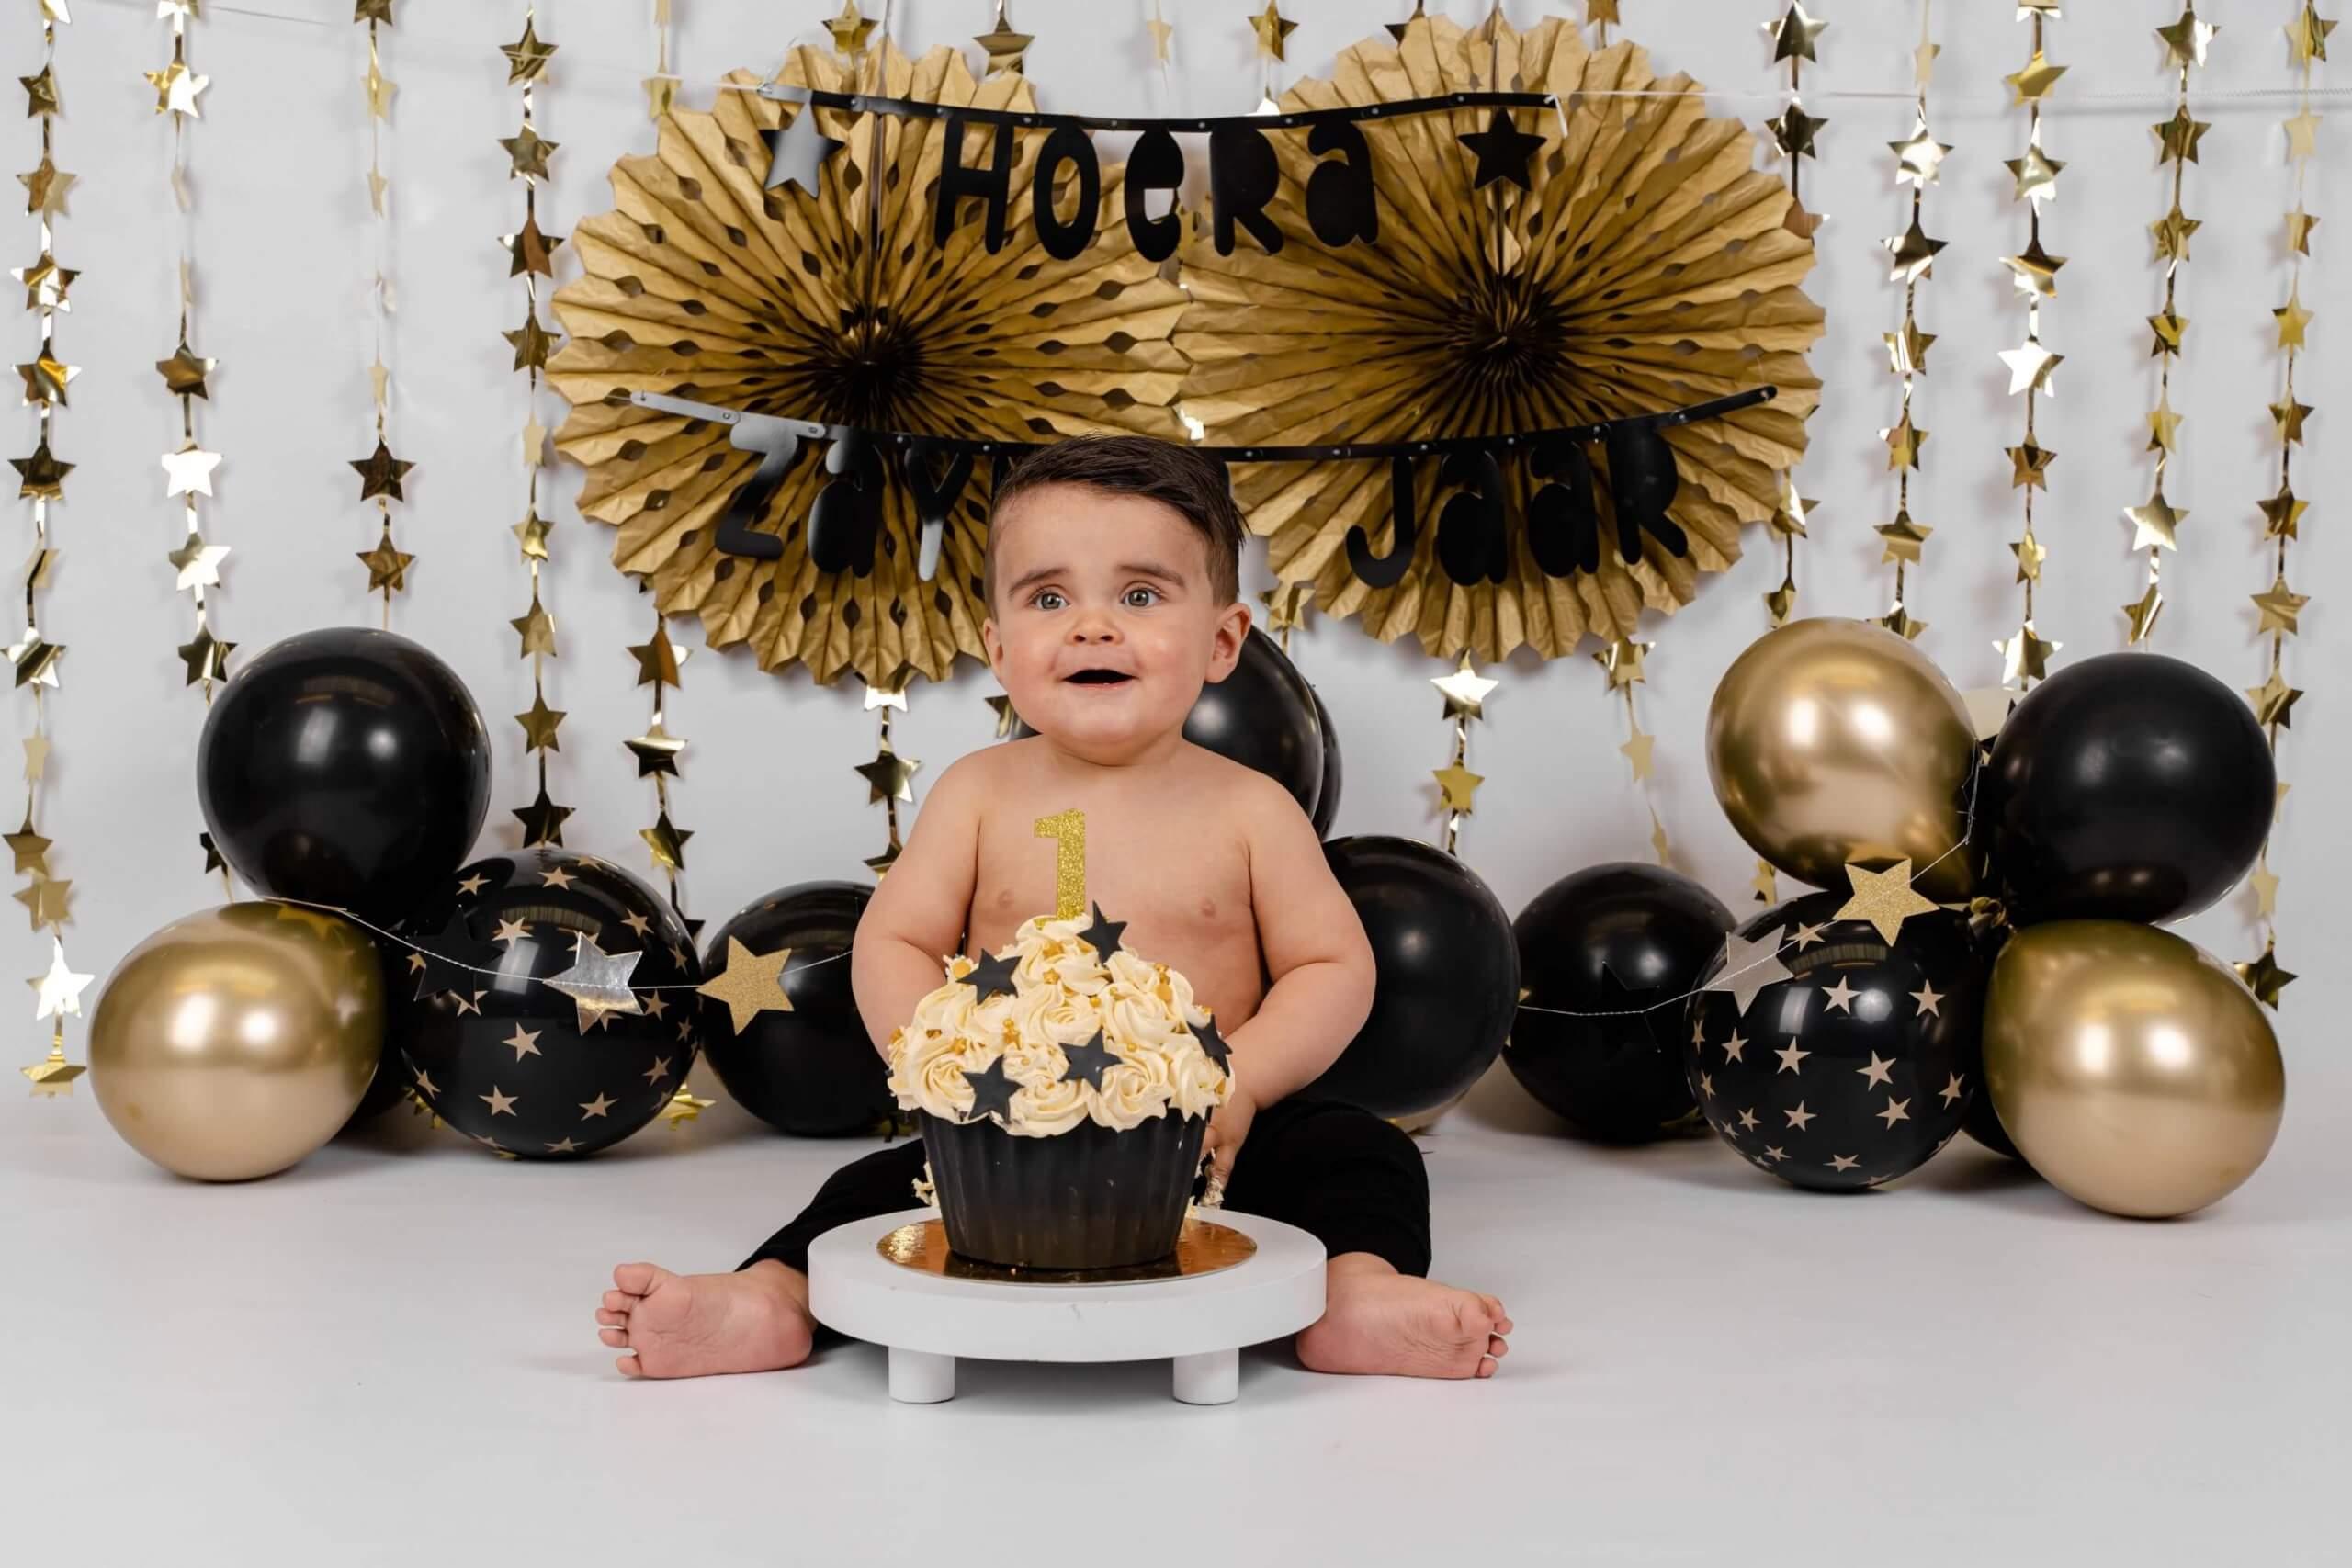 Cake smash zwart met goud feest pompon ballonnen sterren jarig one year wild Rotterdam veenendaal